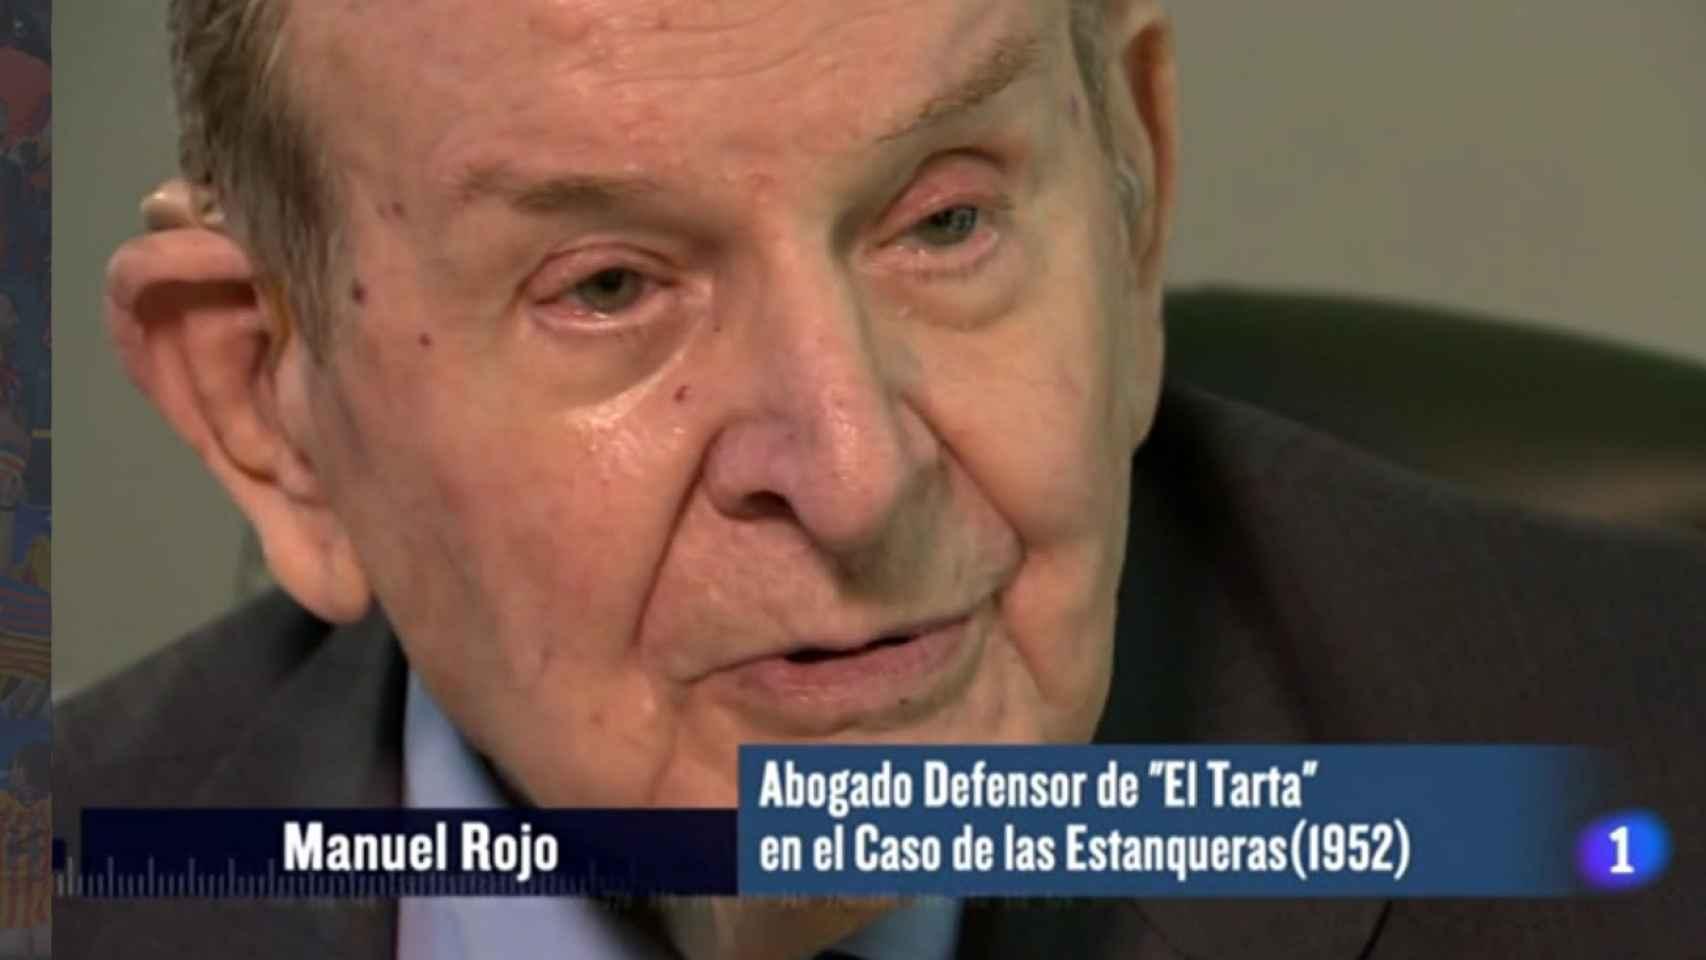 Manuel Rojo fue el abogado defensor de El Tarta.